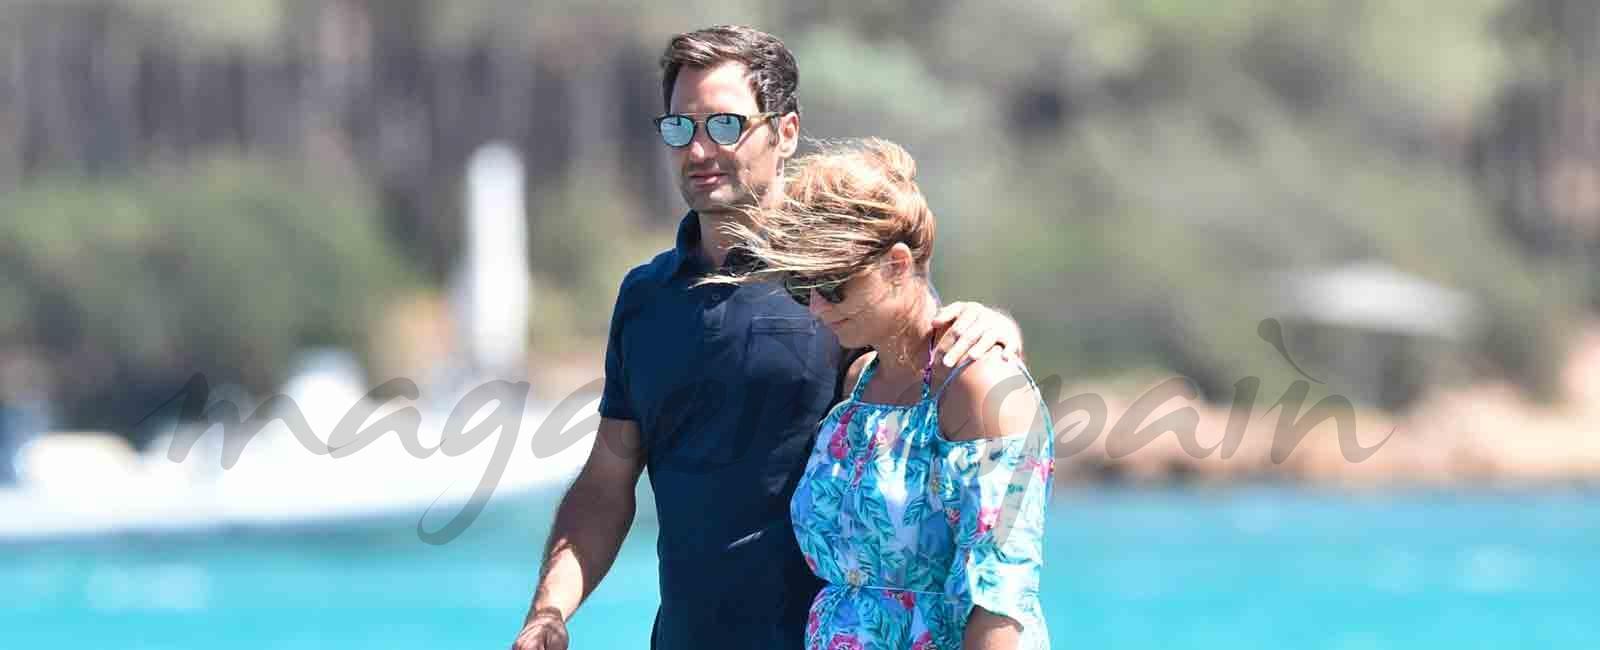 Roger Federer vacaciones familiares en Porto Cervo